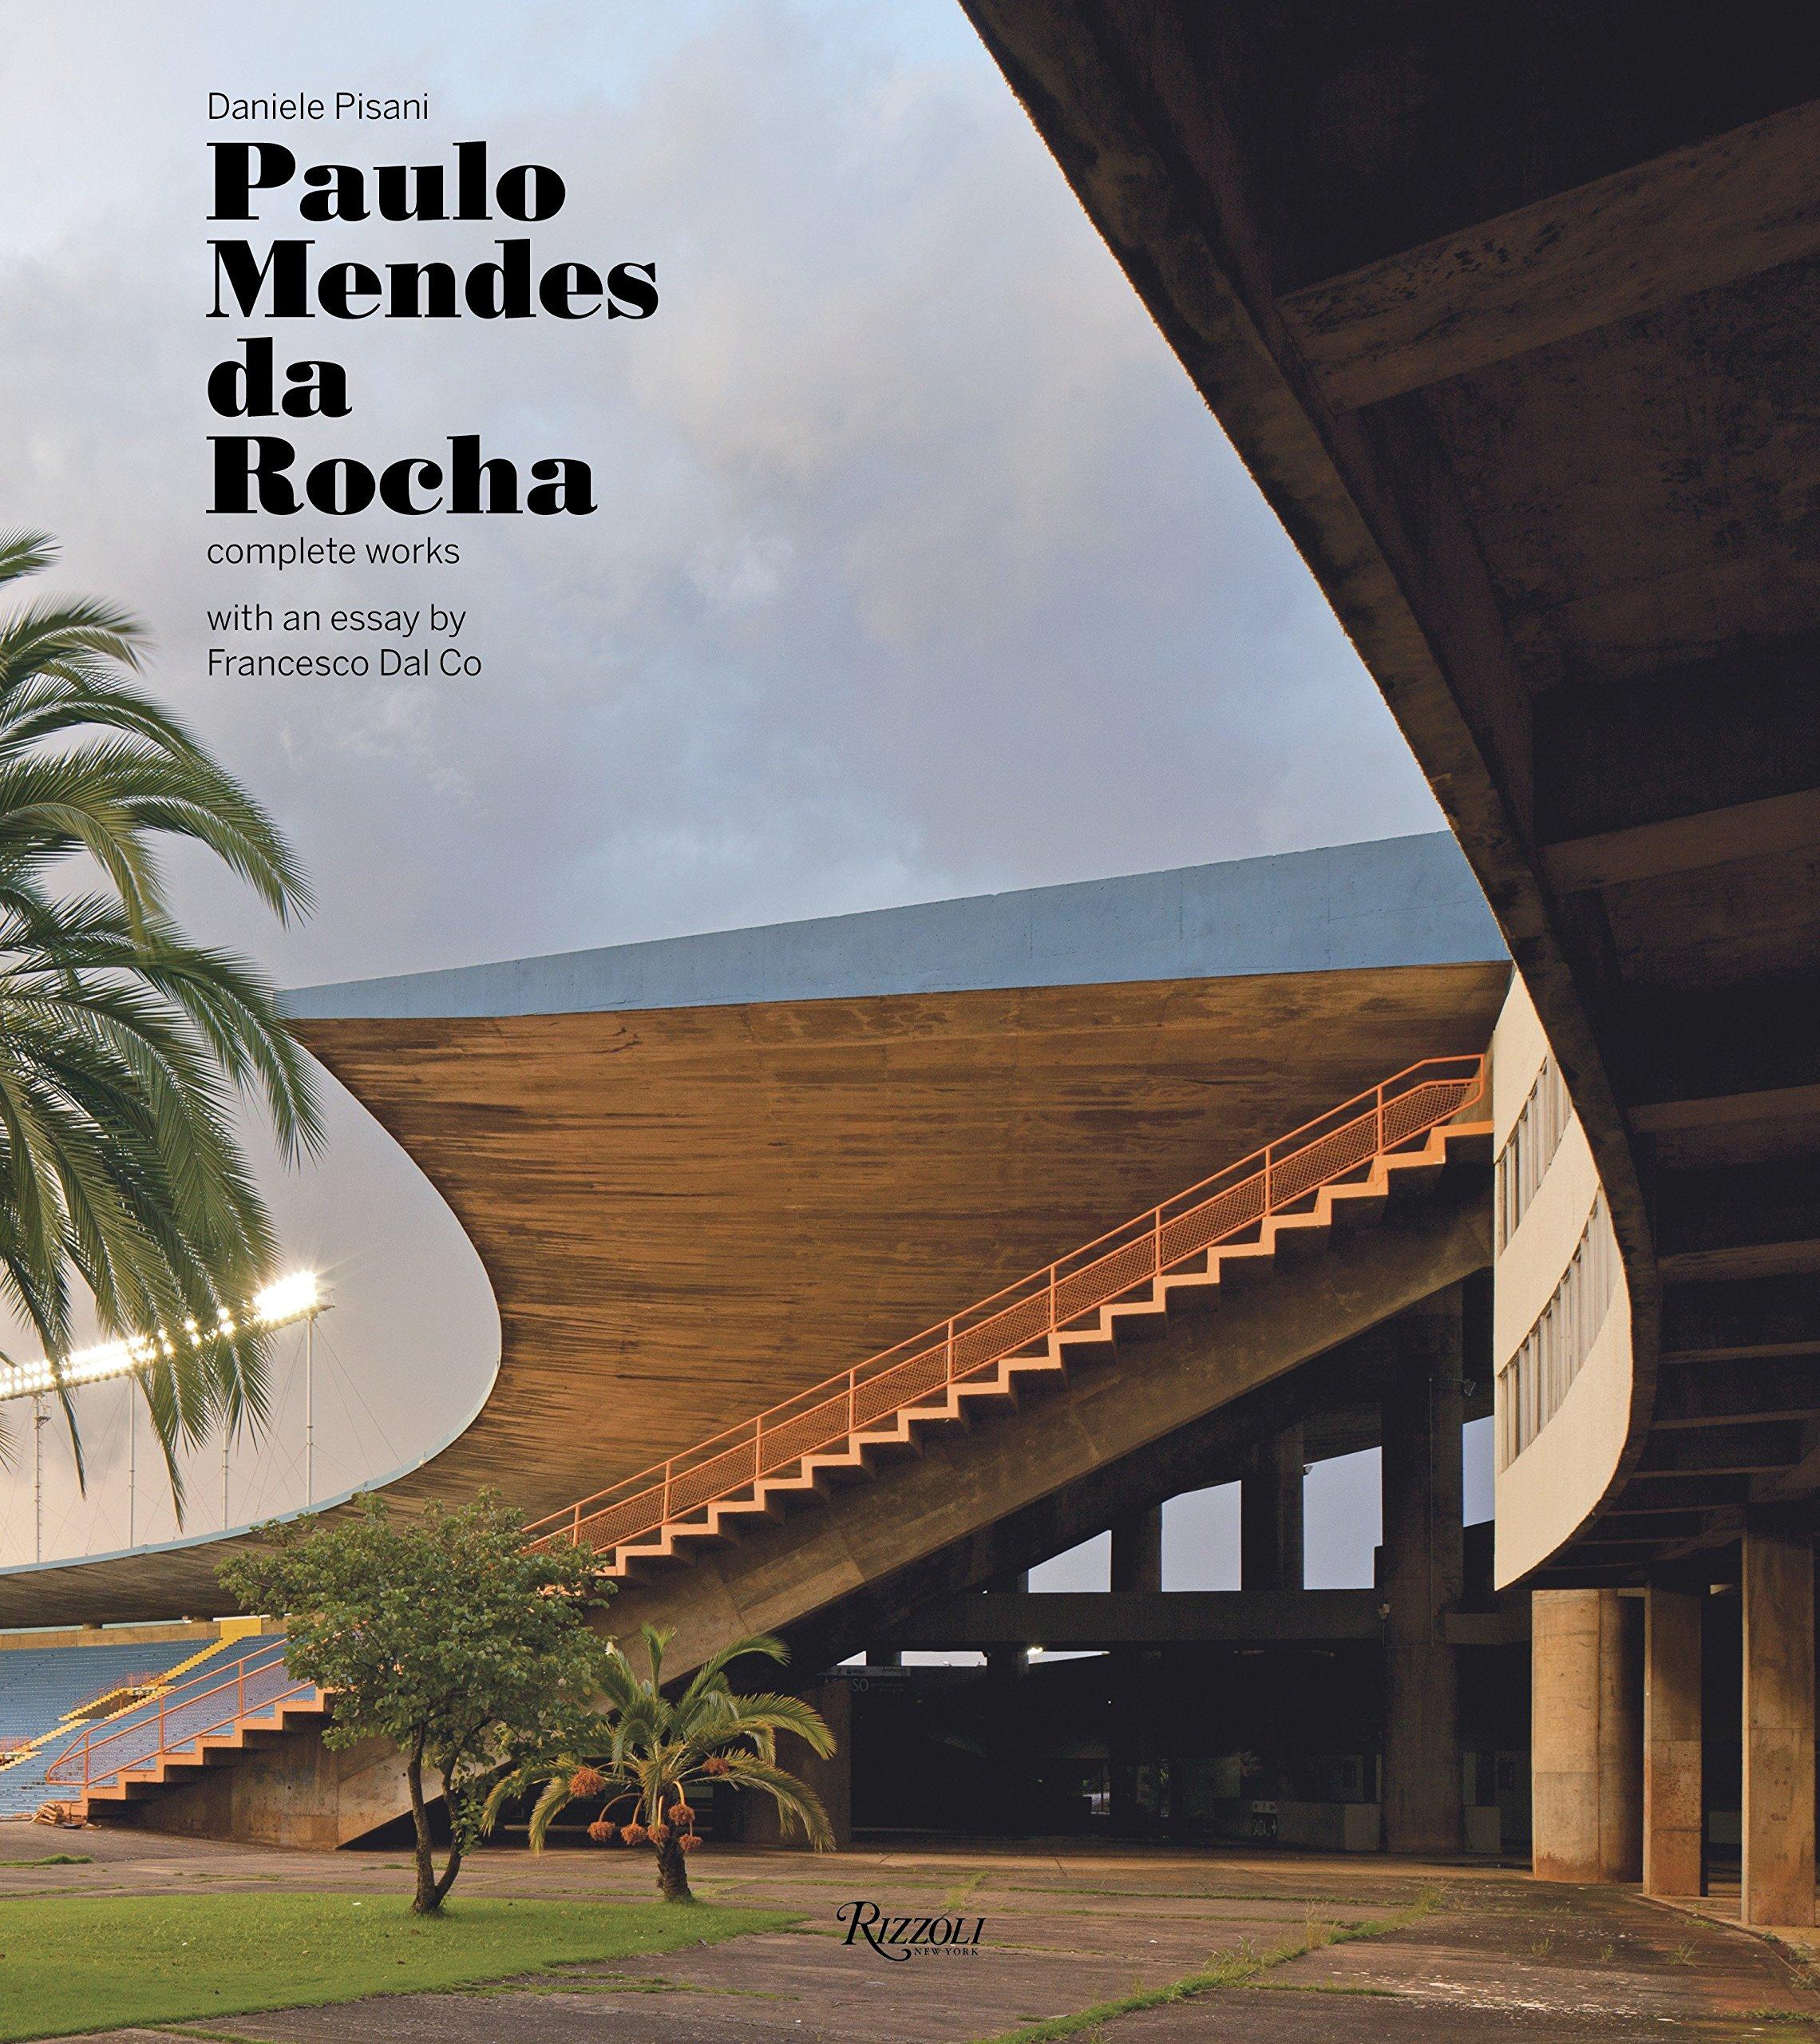 Paulo Mendes da Rocha: Complete Works by Rizzoli